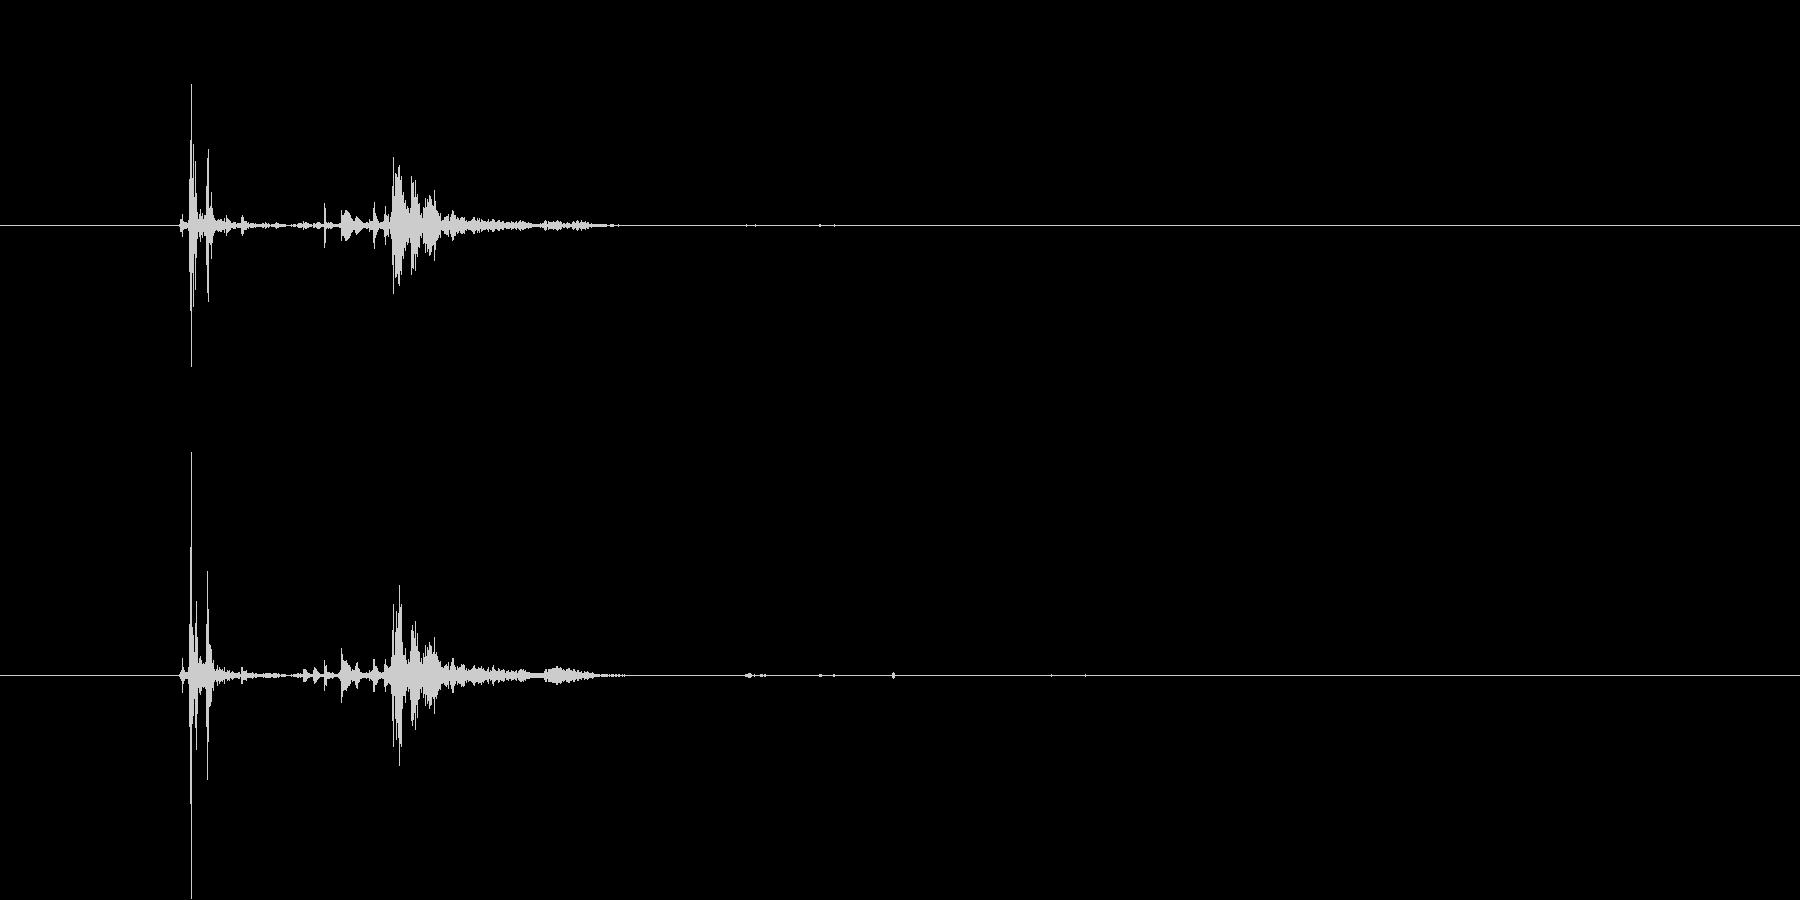 ポチャン(優しく水が弾ける音)の未再生の波形